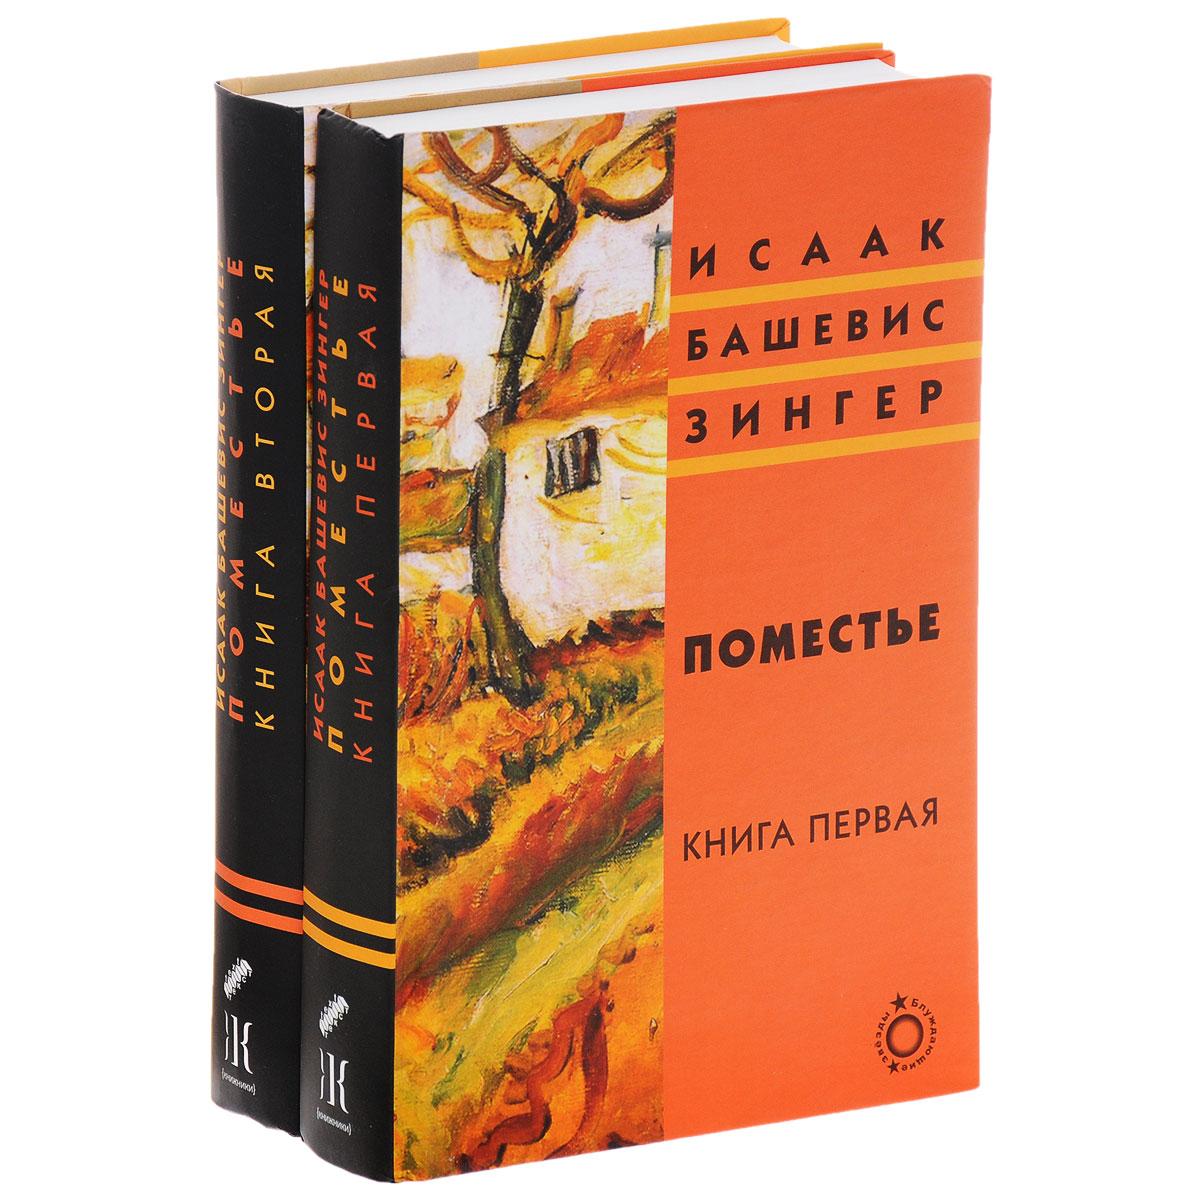 Исаак Башевис Зингер Поместье (комплект из 2 книг)